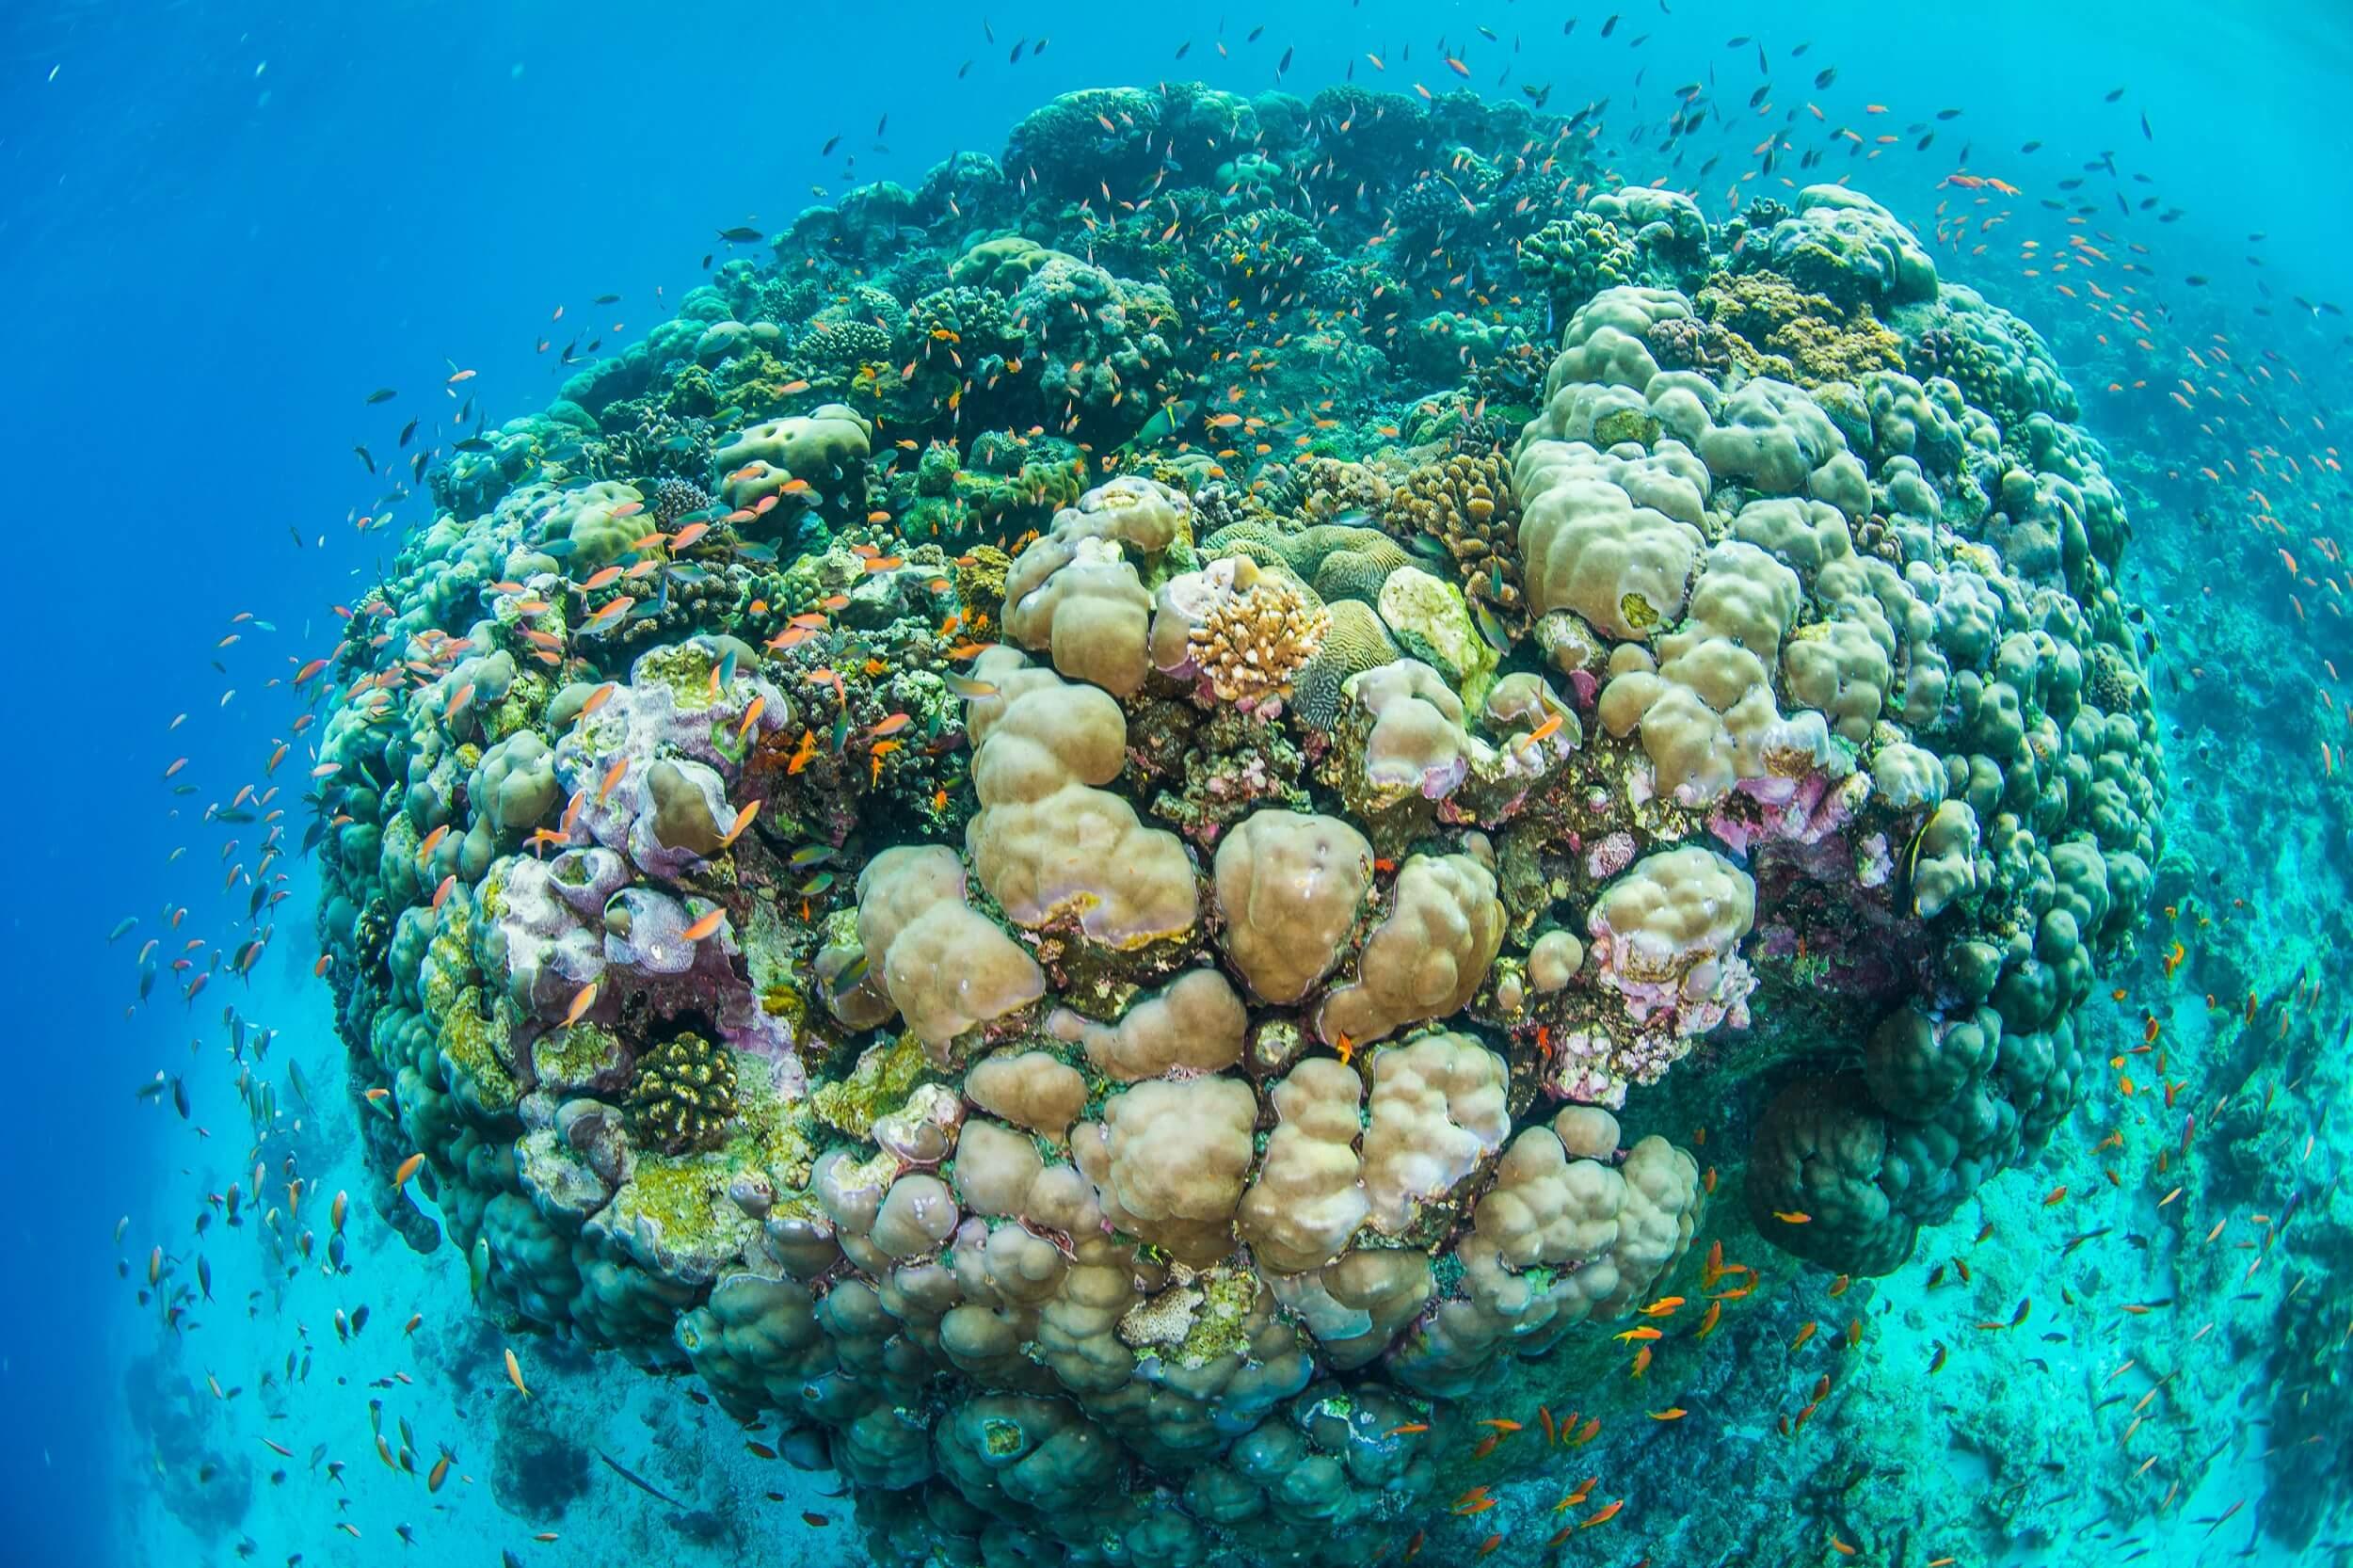 UnderwaterCoral.jpg